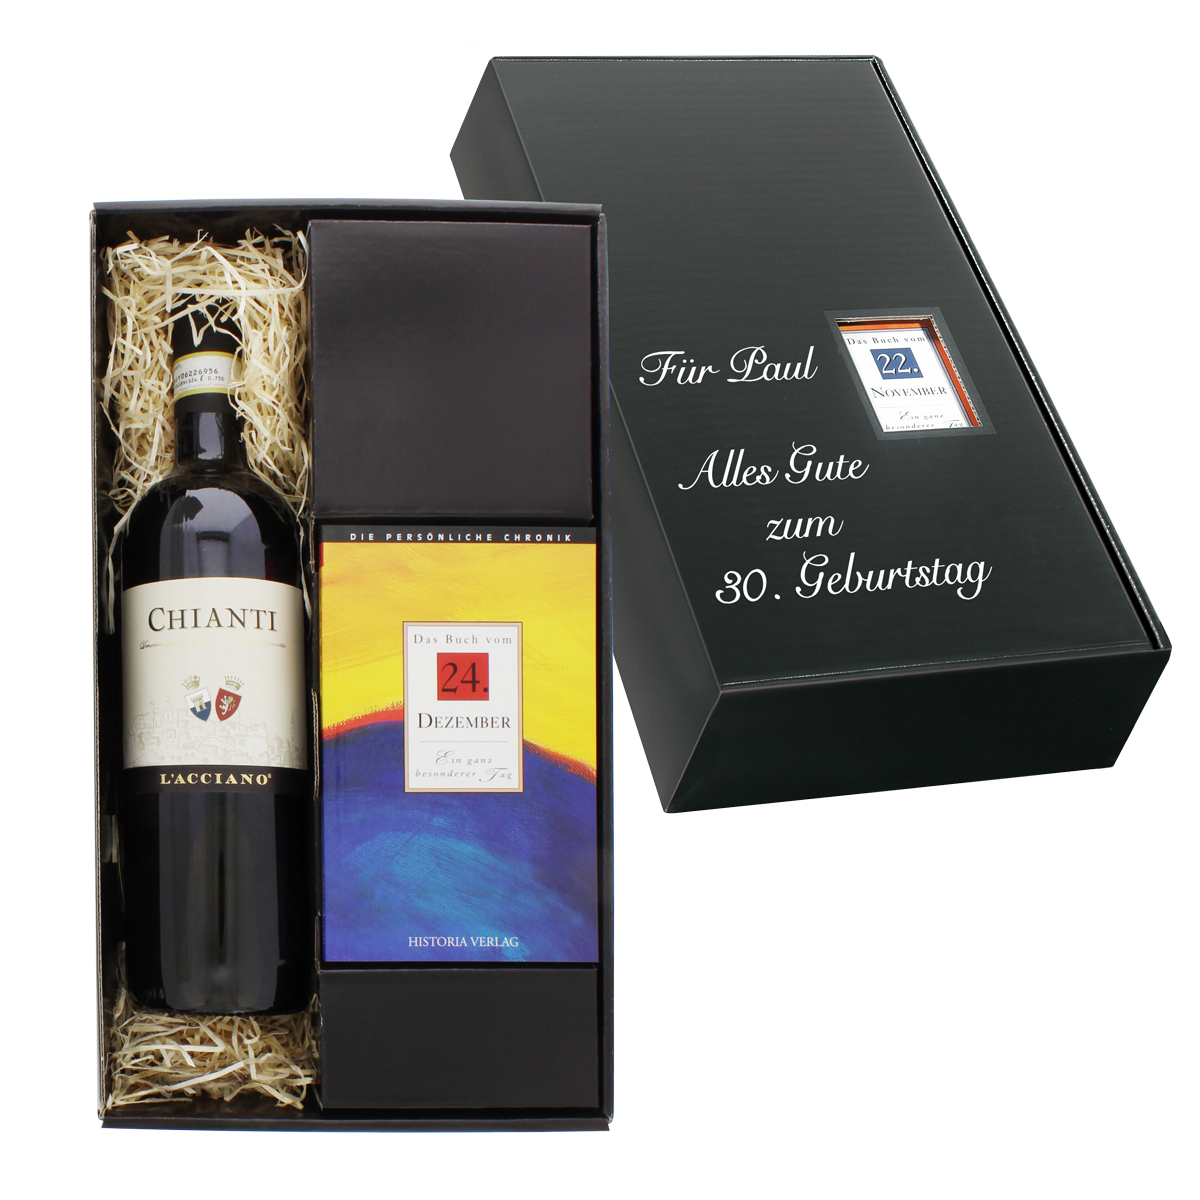 Italien-Set: Tageschronik vom 11. Juli & Chianti-Wein